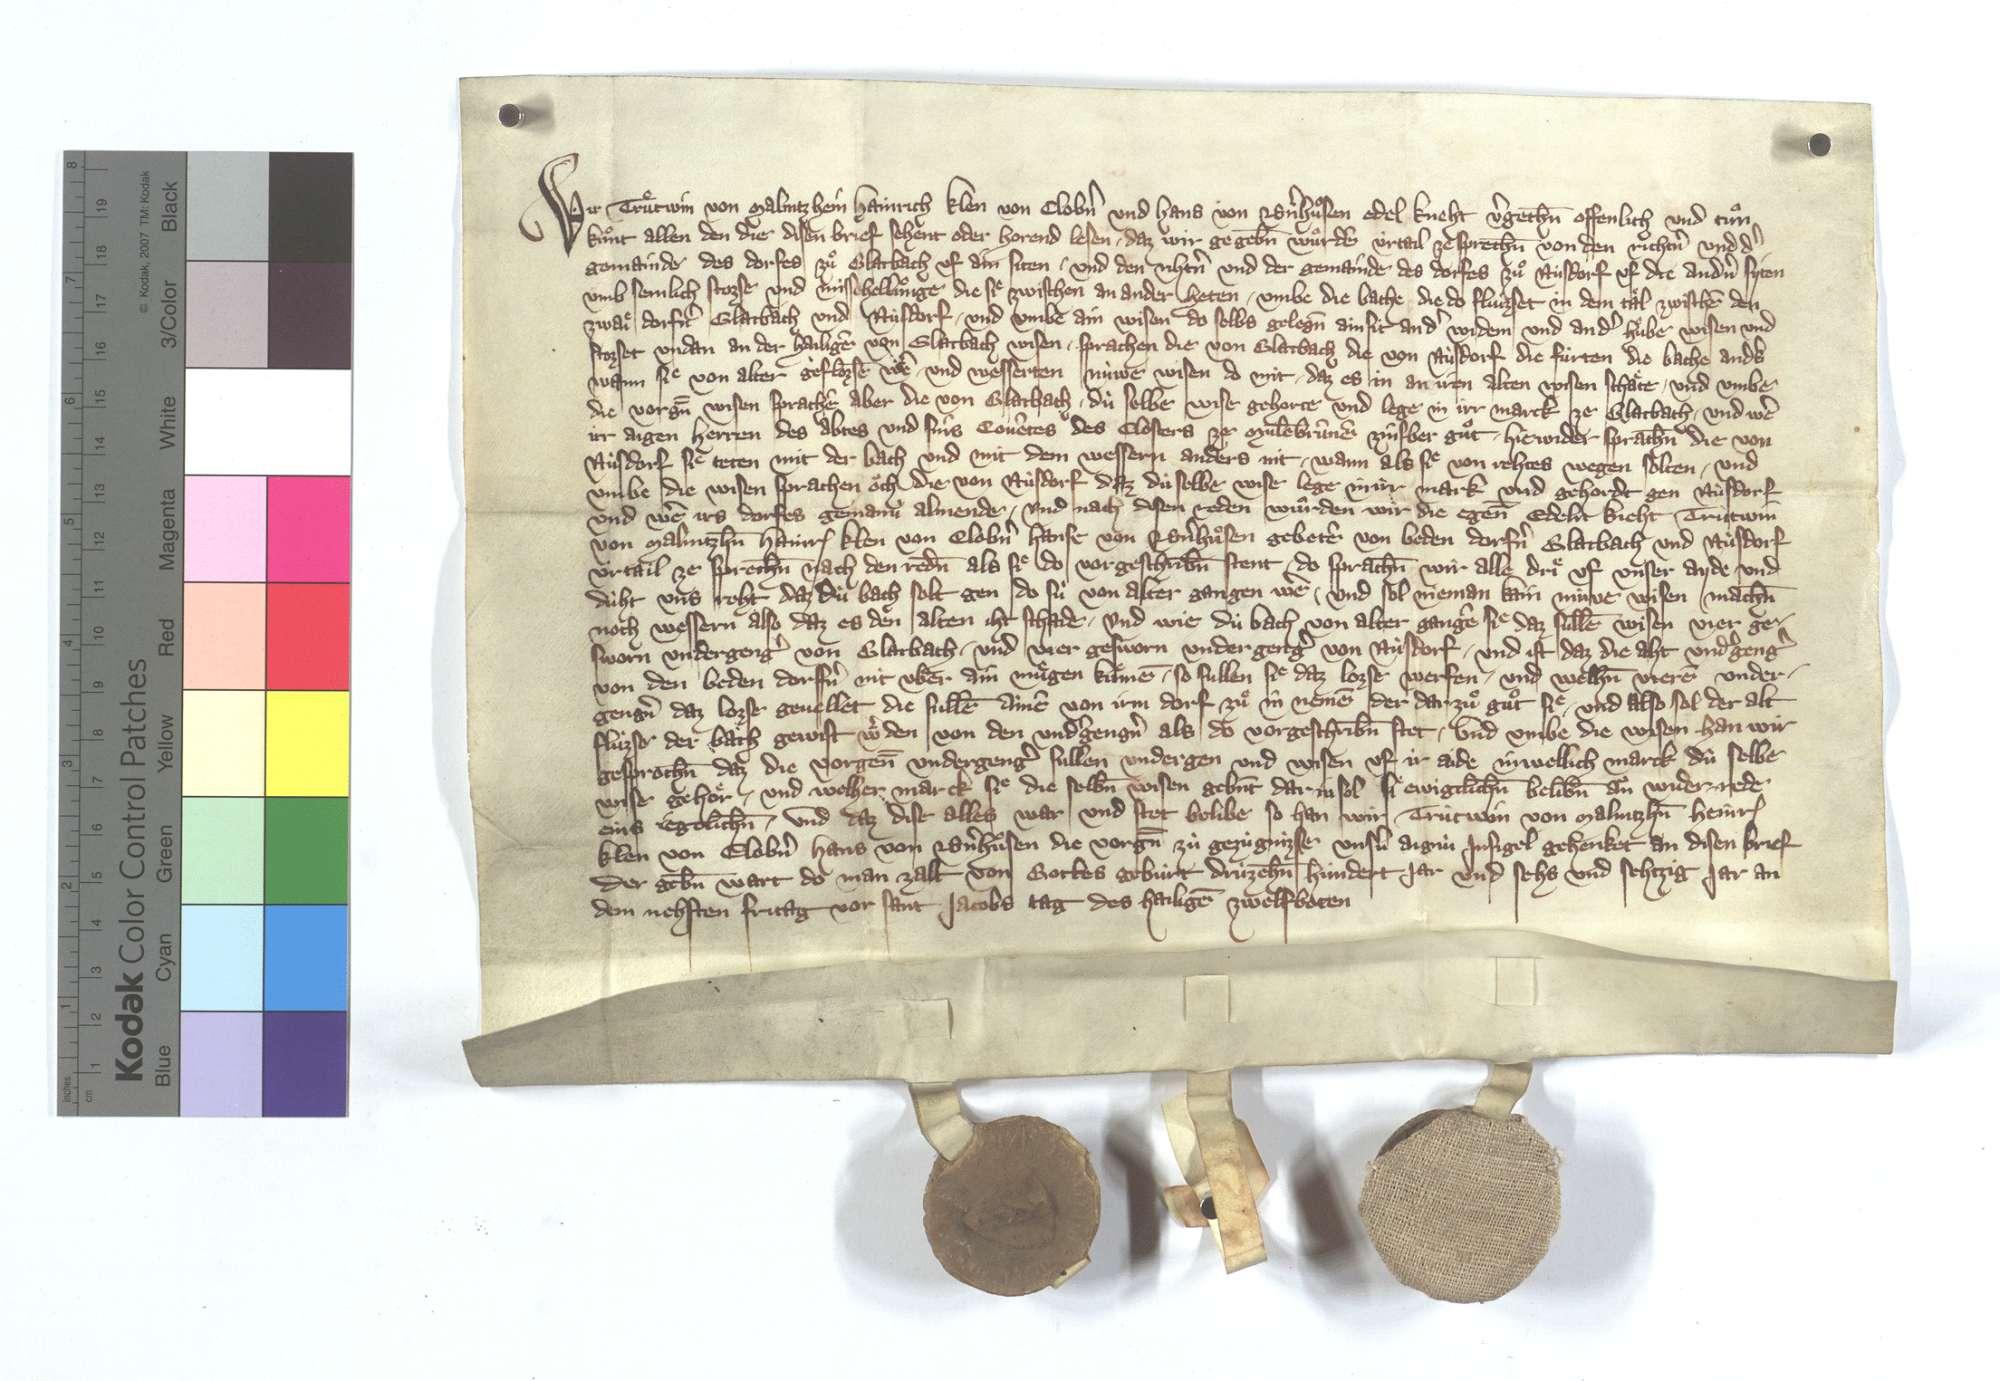 Vereinbarung (Richtung) zwischen den Kommunen Glattbach und Nußdorf wegen des Bachs und der Wässerung., Text